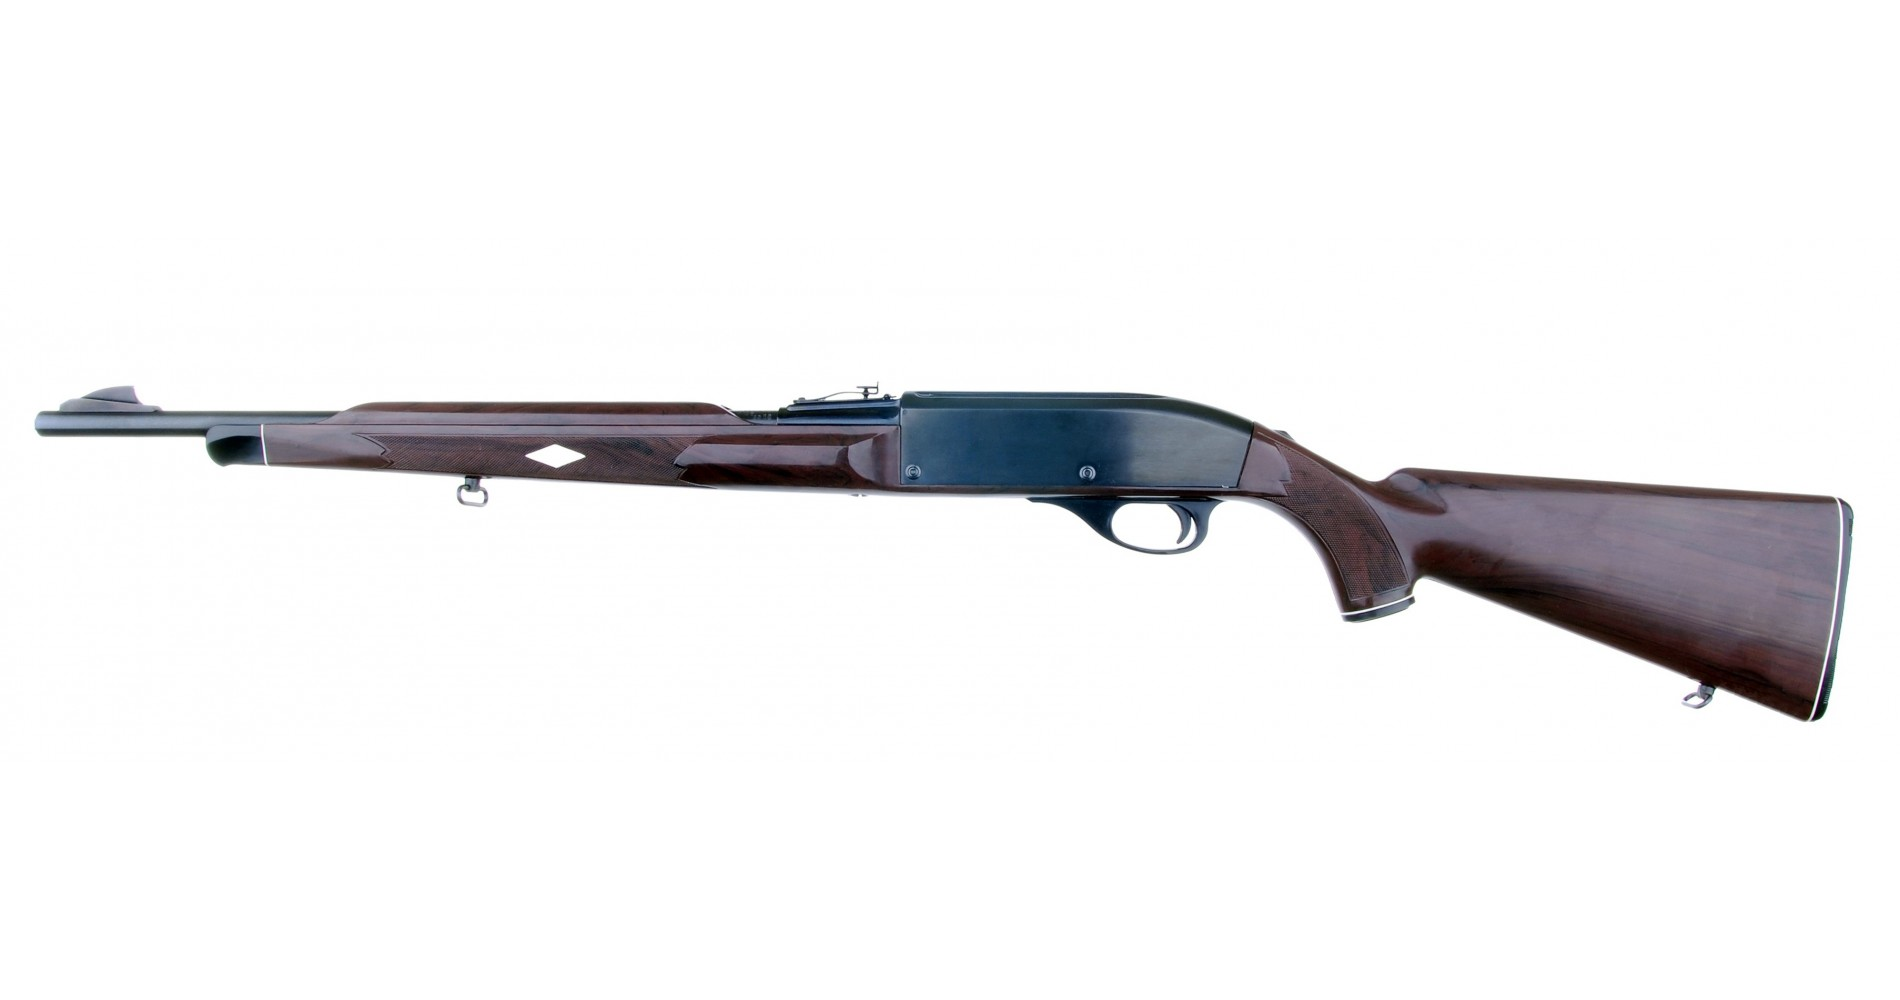 Firearms for Sale - Buy Firearms at GunBrokercom